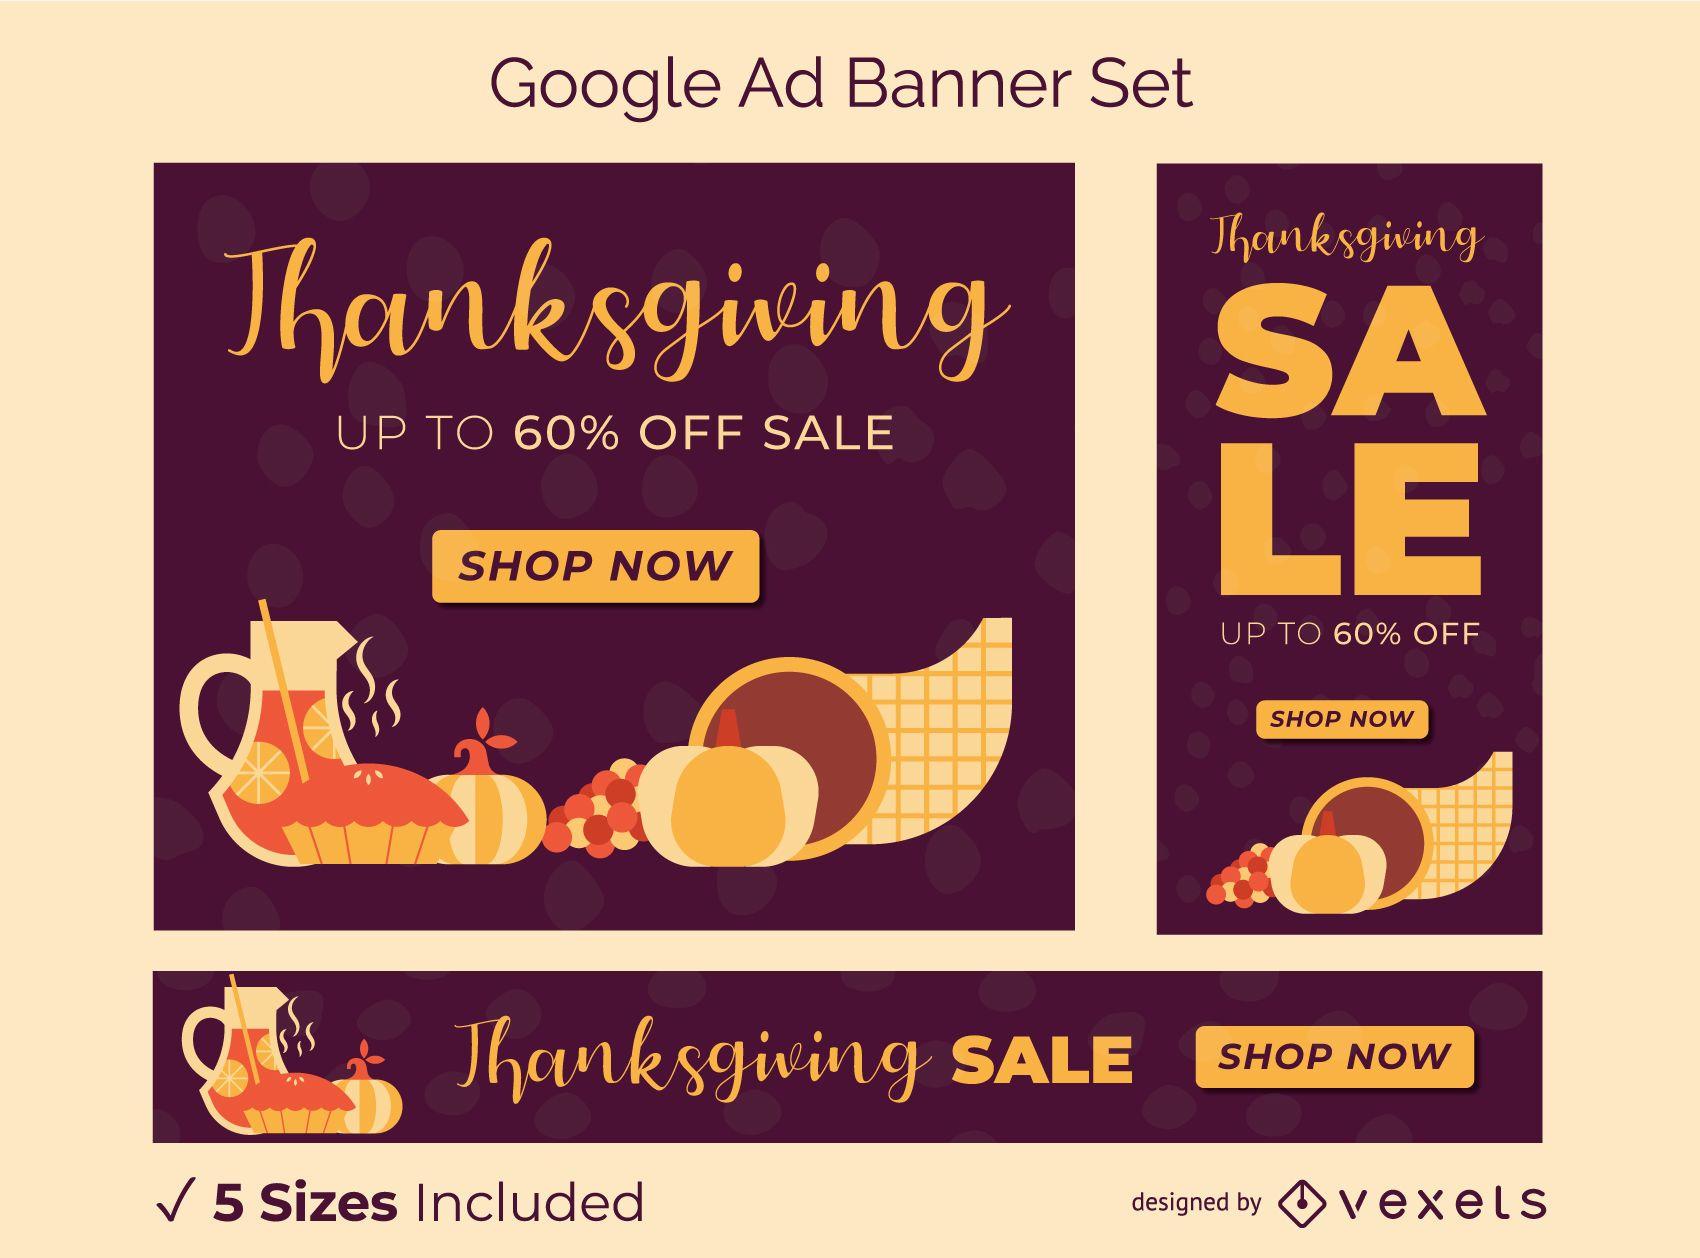 Conjunto de banner de anúncio do Google para o Dia de Ação de Graças